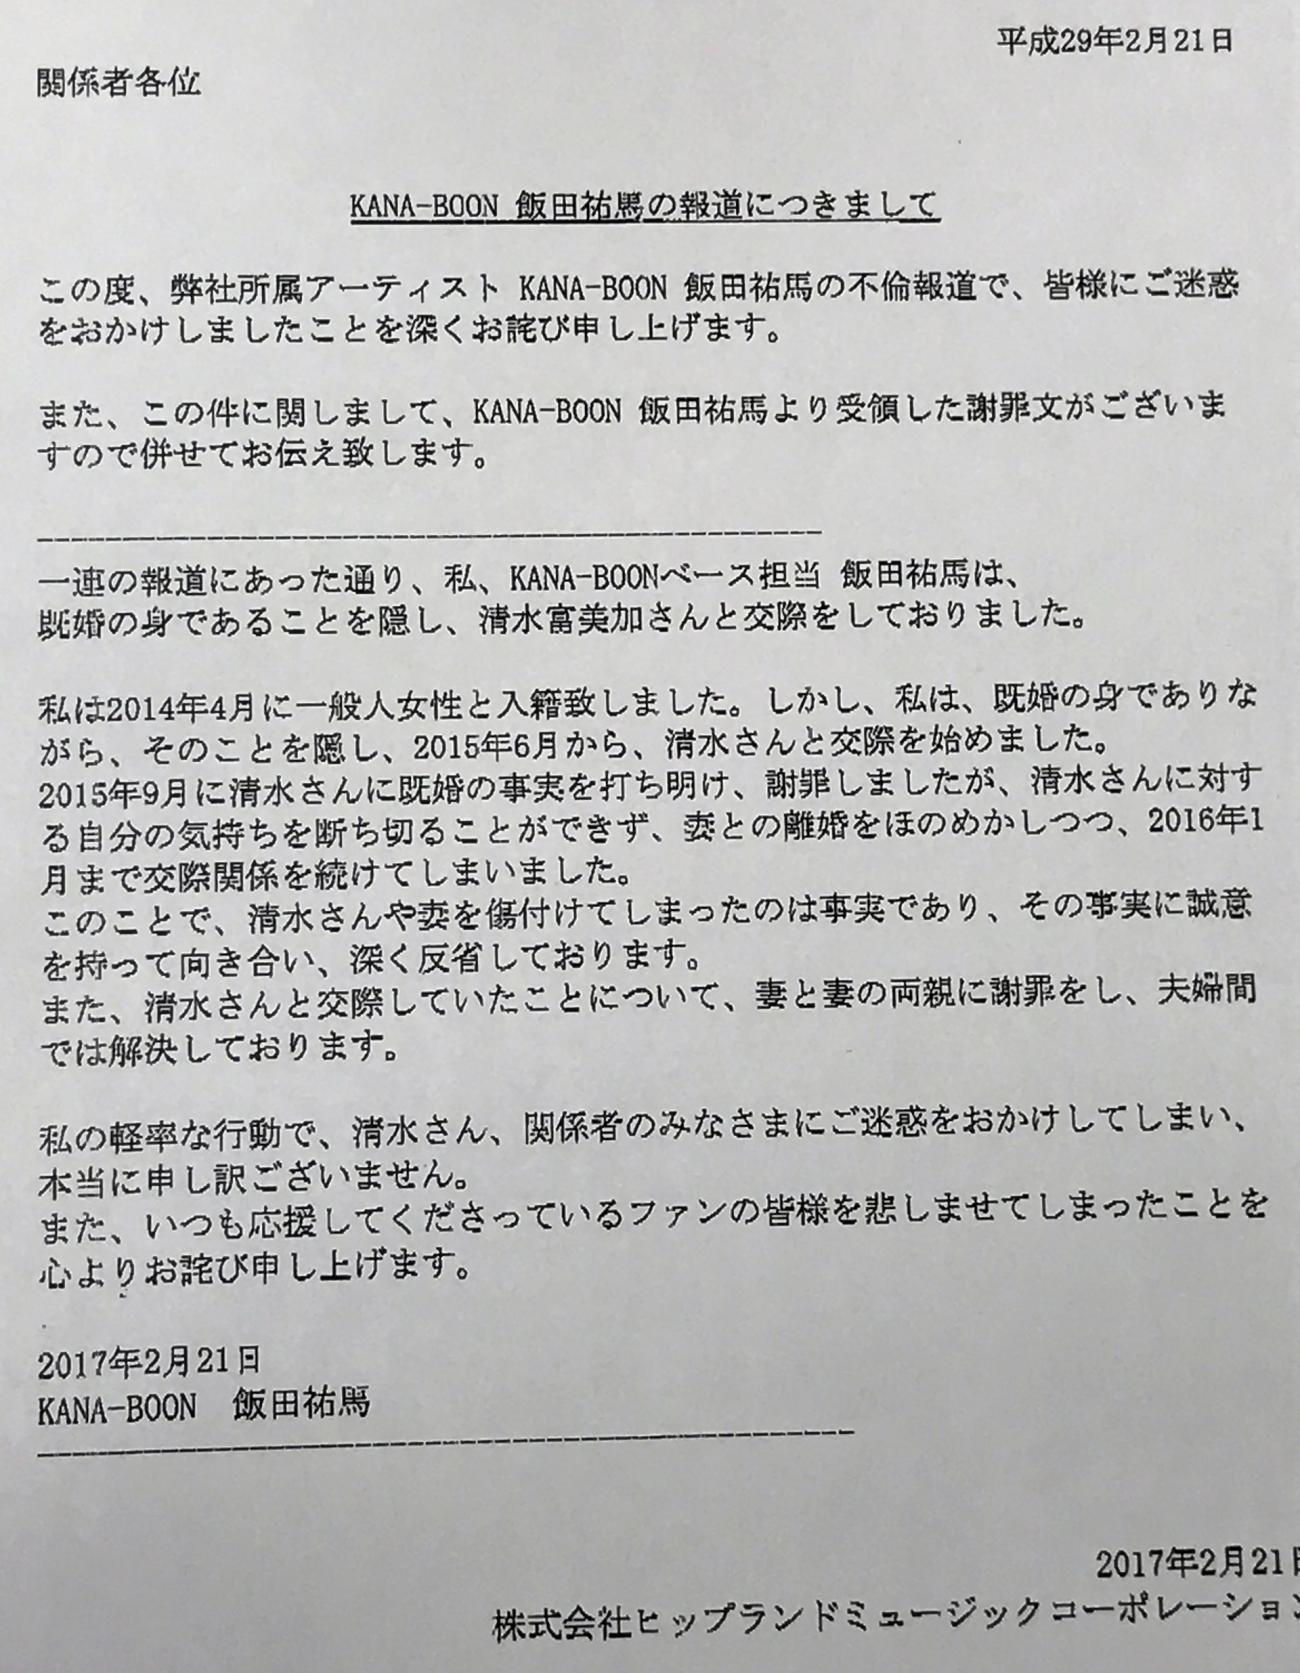 飯田 離婚 カナブーン